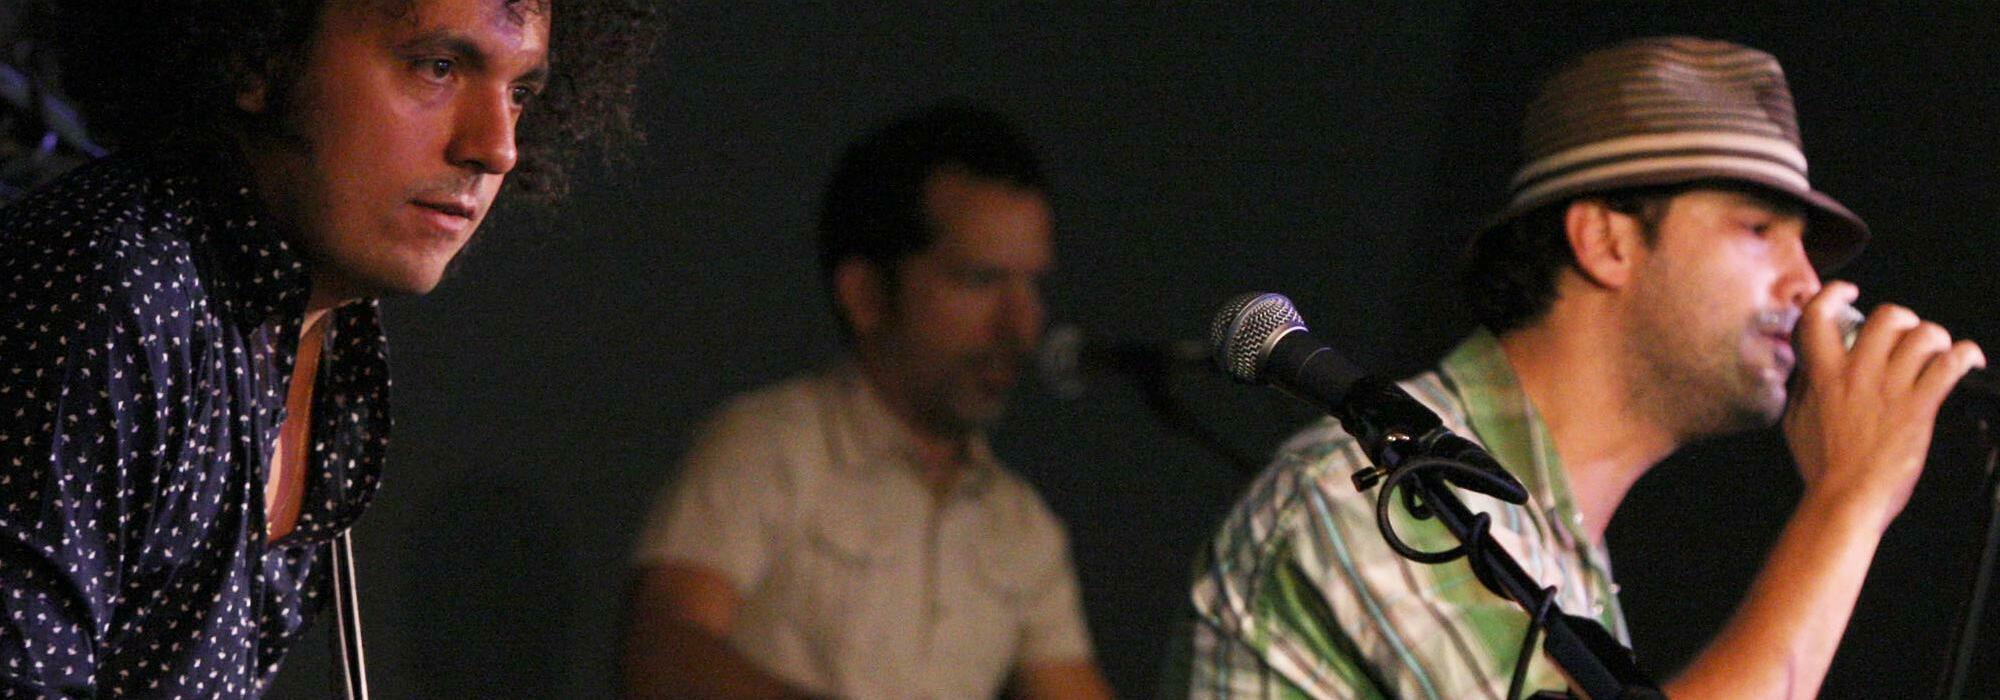 A Los Amigos Invisibles live event